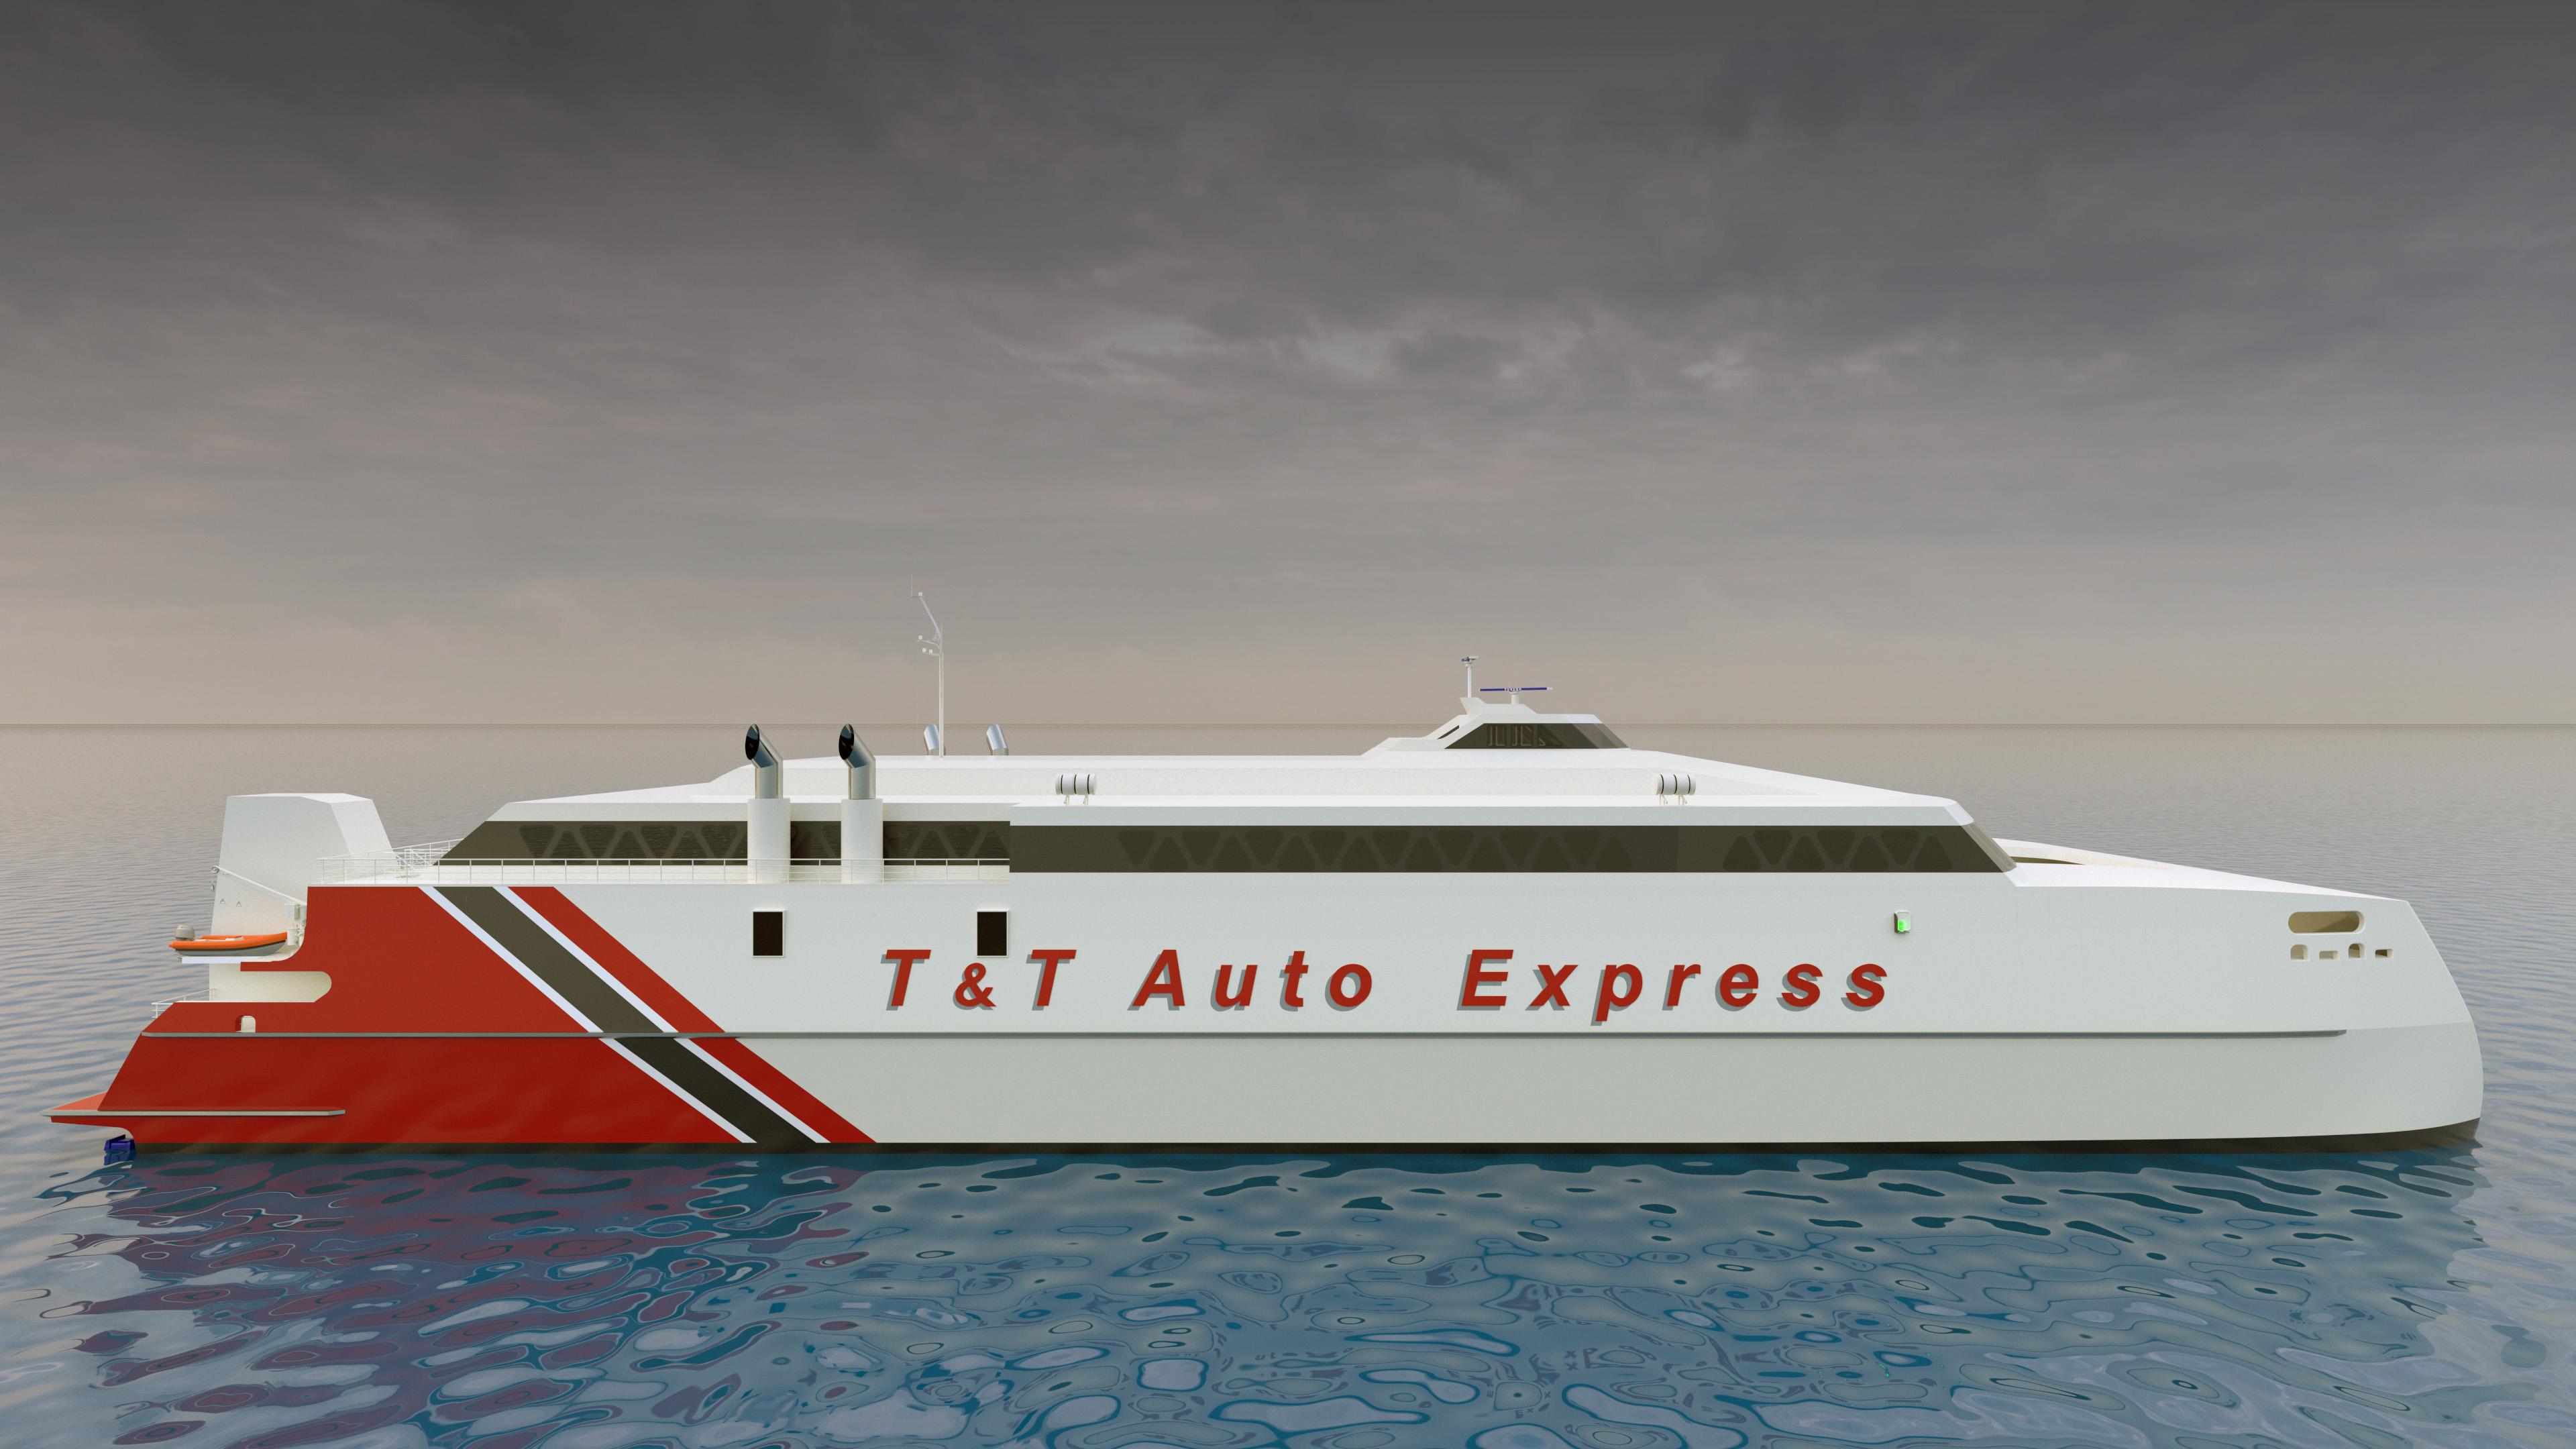 Austal Auto Express 94m T&T.jpg